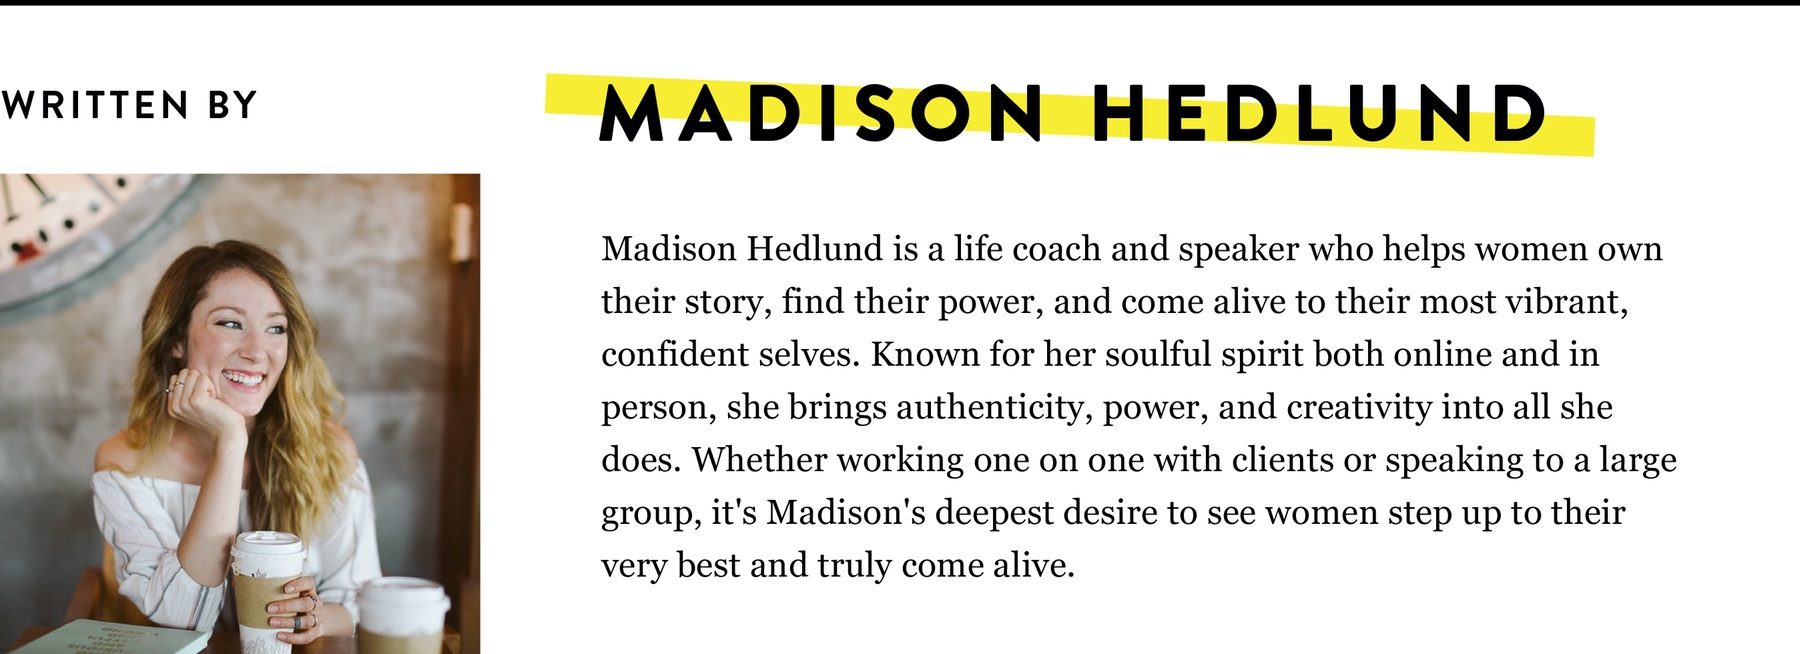 MADISON HEDLUND BIO